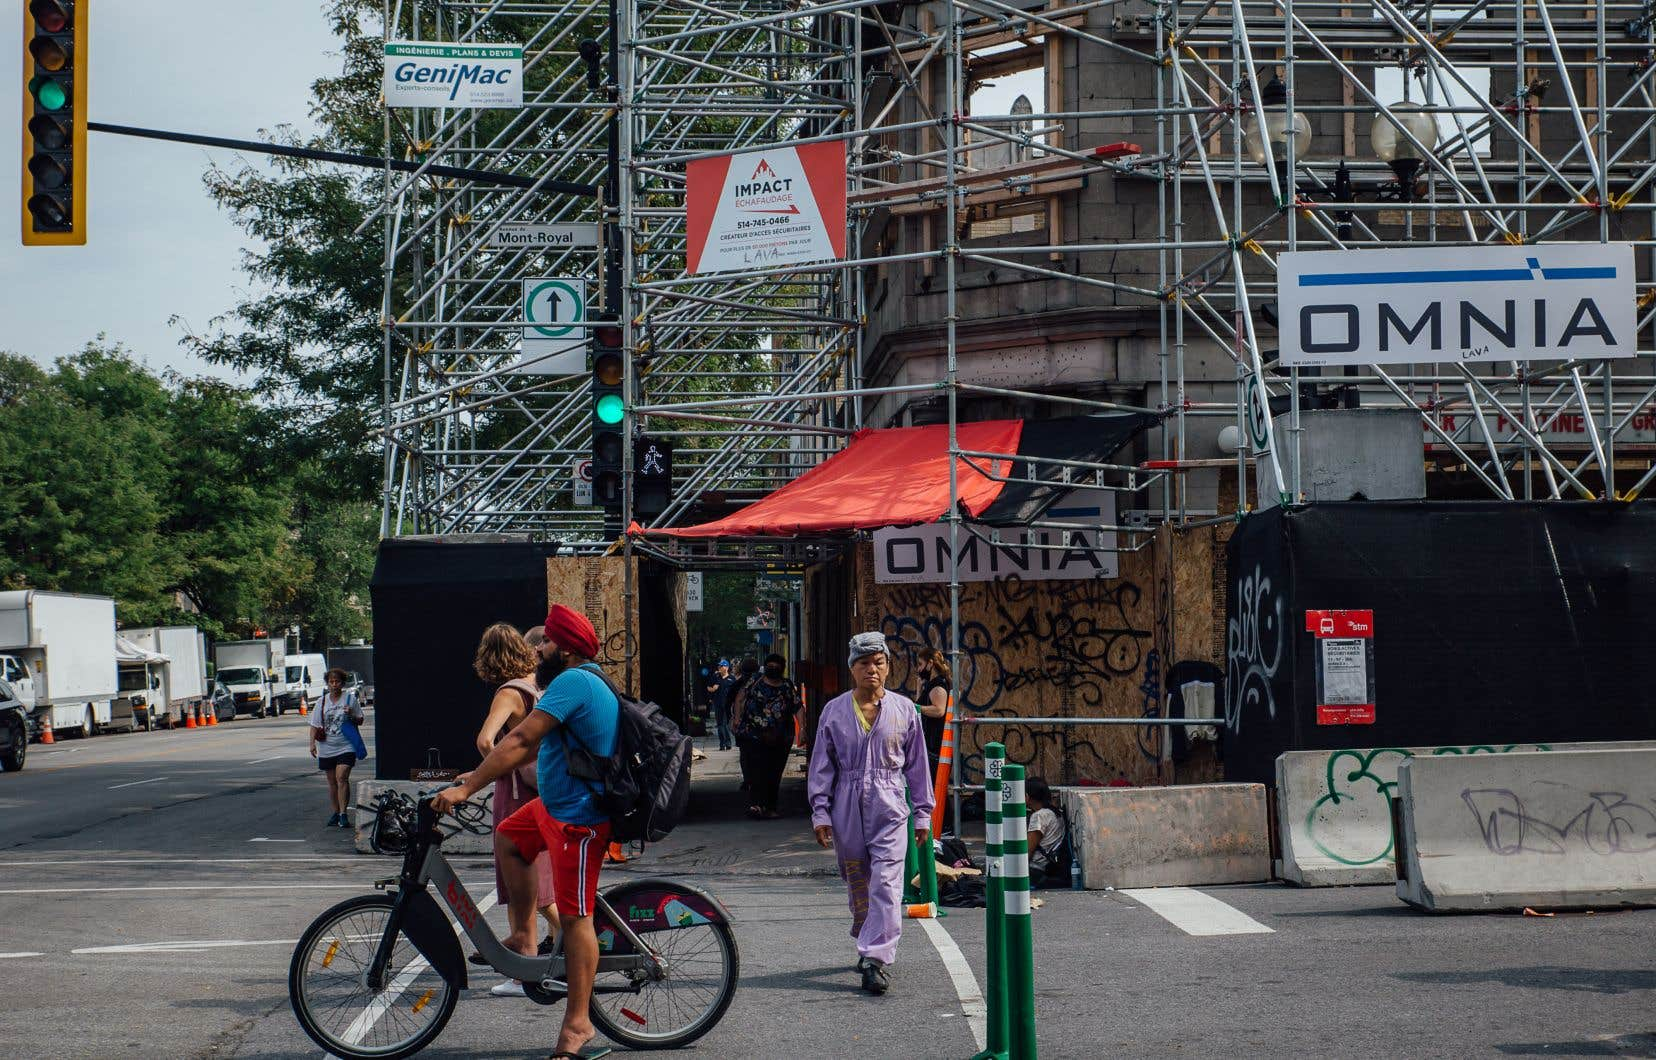 Rien ne démontrait que le bâtiment du Rapido,démoli sans permis au printemps dernier, présentait des enjeux de sécurité, soutient l'arrondissement Plateat-Mont-Royal.